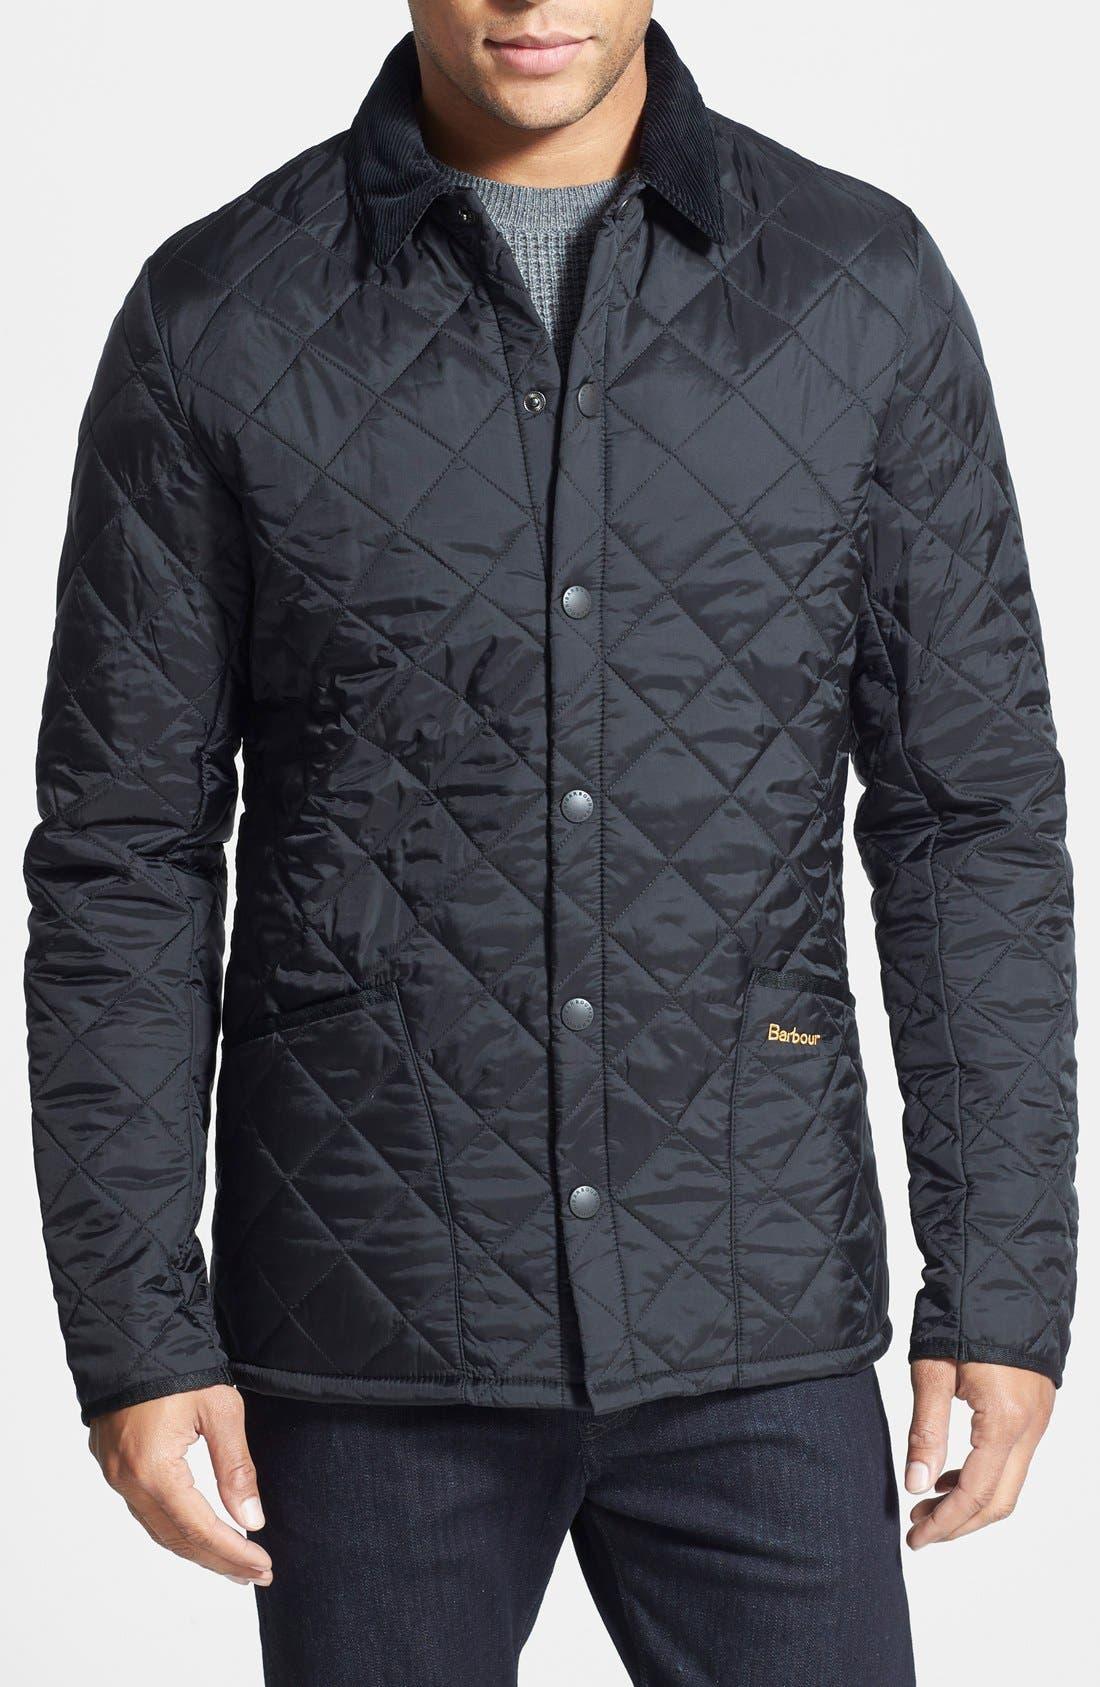 Barbour Heritage Liddesdale Regular Fit Quilted Jacket, Black